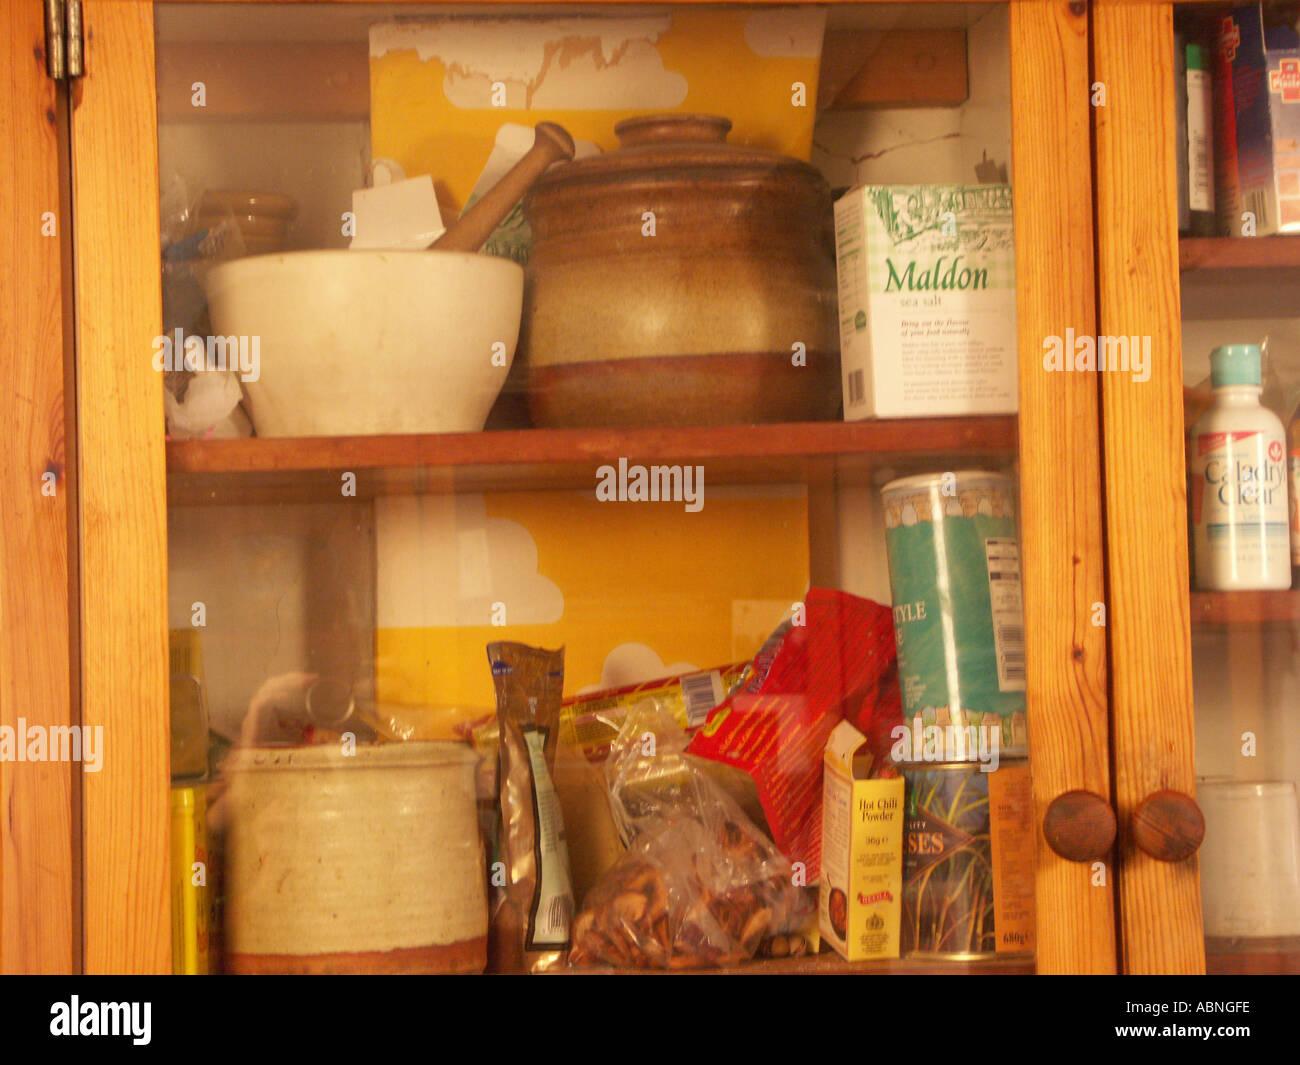 Glas und Holz Küchenschrank voller Kräuter und Töpfe in einem ...